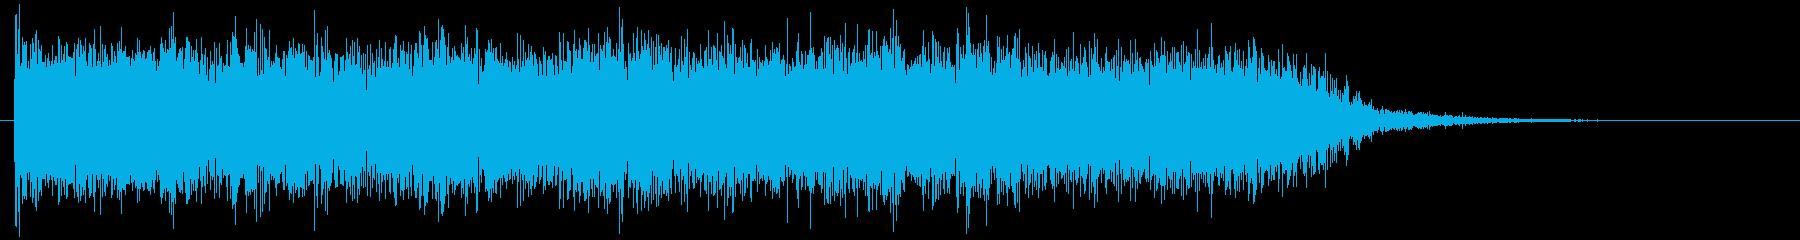 メタルギターのクールなフレーズ 場面転換の再生済みの波形